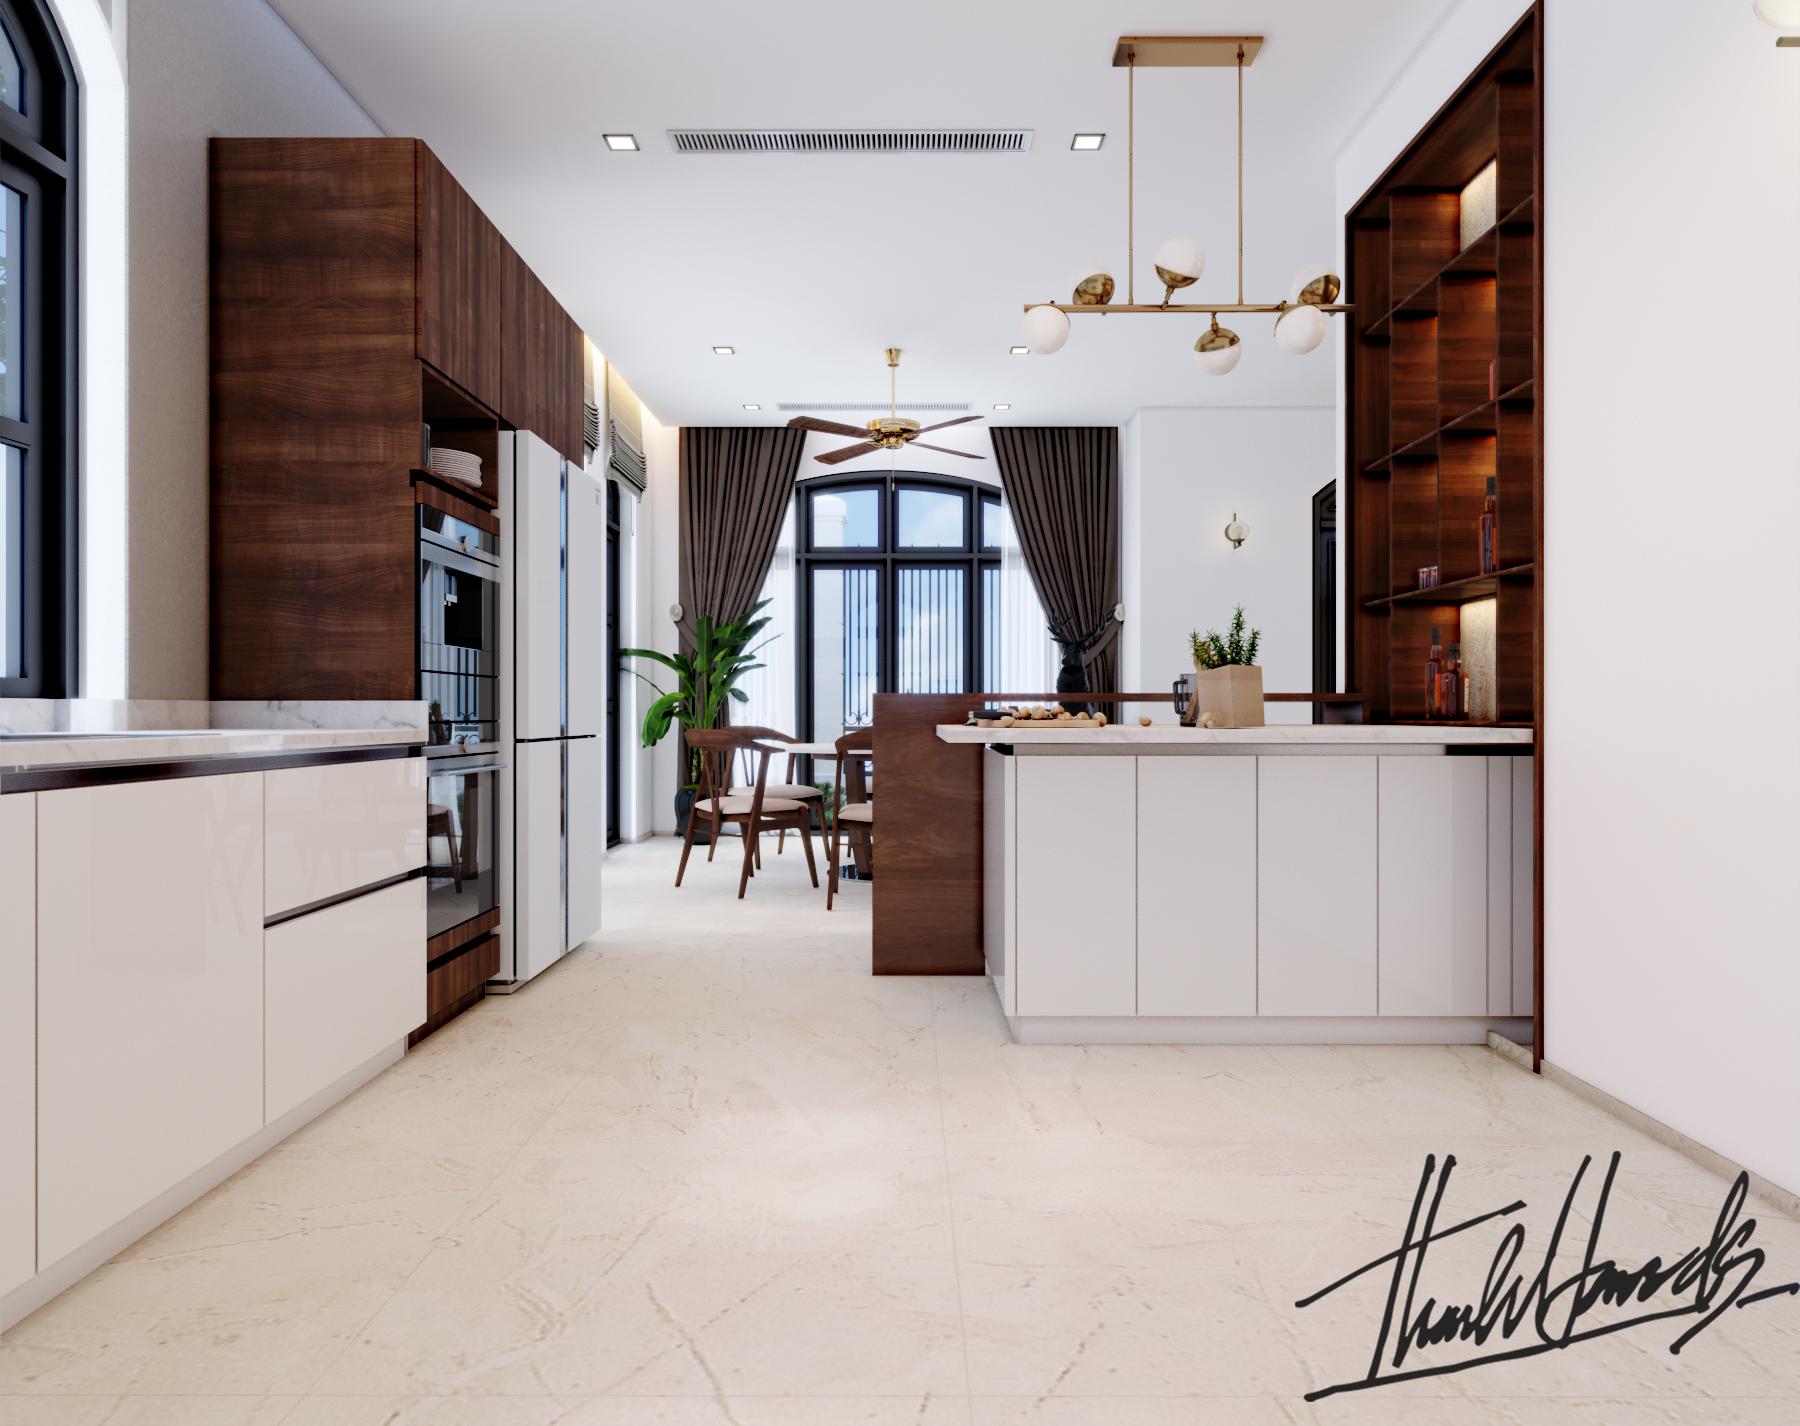 thiết kế nội thất Biệt Thự tại Hải Phòng Biệt thự Vinhomes - imperia ( khu VEN) 16 1568278761